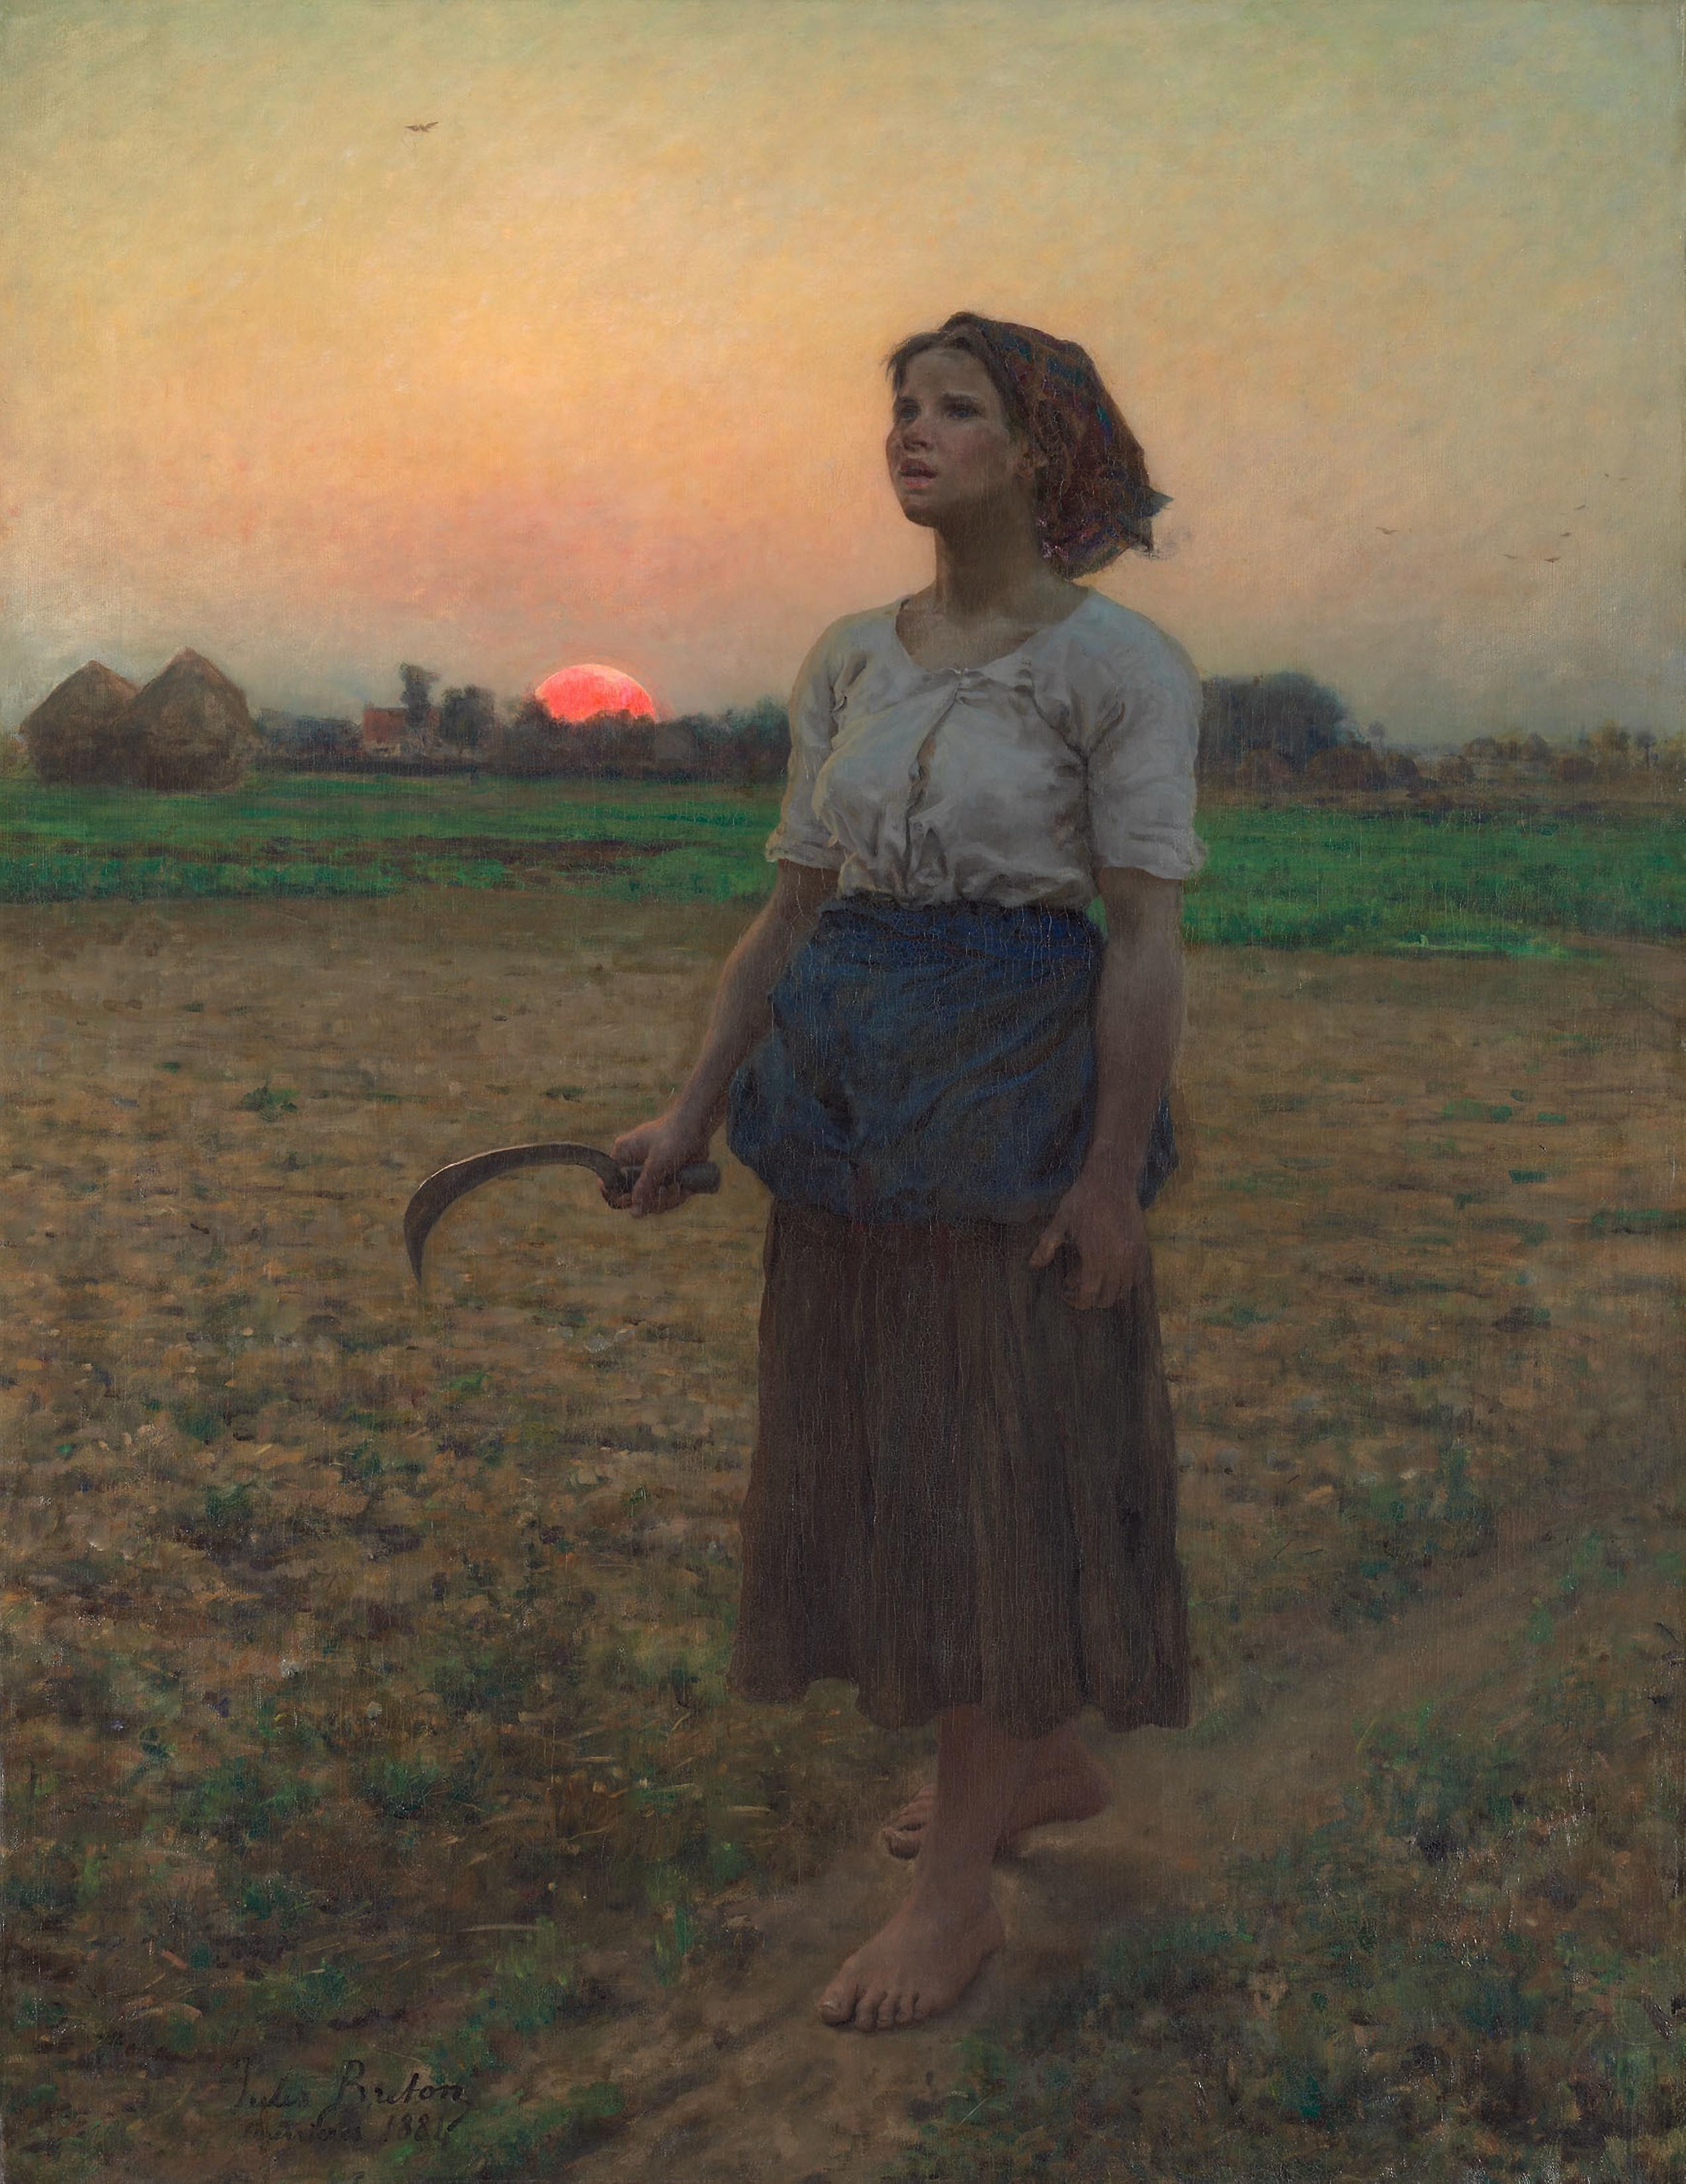 Au Chant De L Alouette : chant, alouette, File:Jules, Breton,, Chant, L'alouette.1884.jpg, Wikimedia, Commons